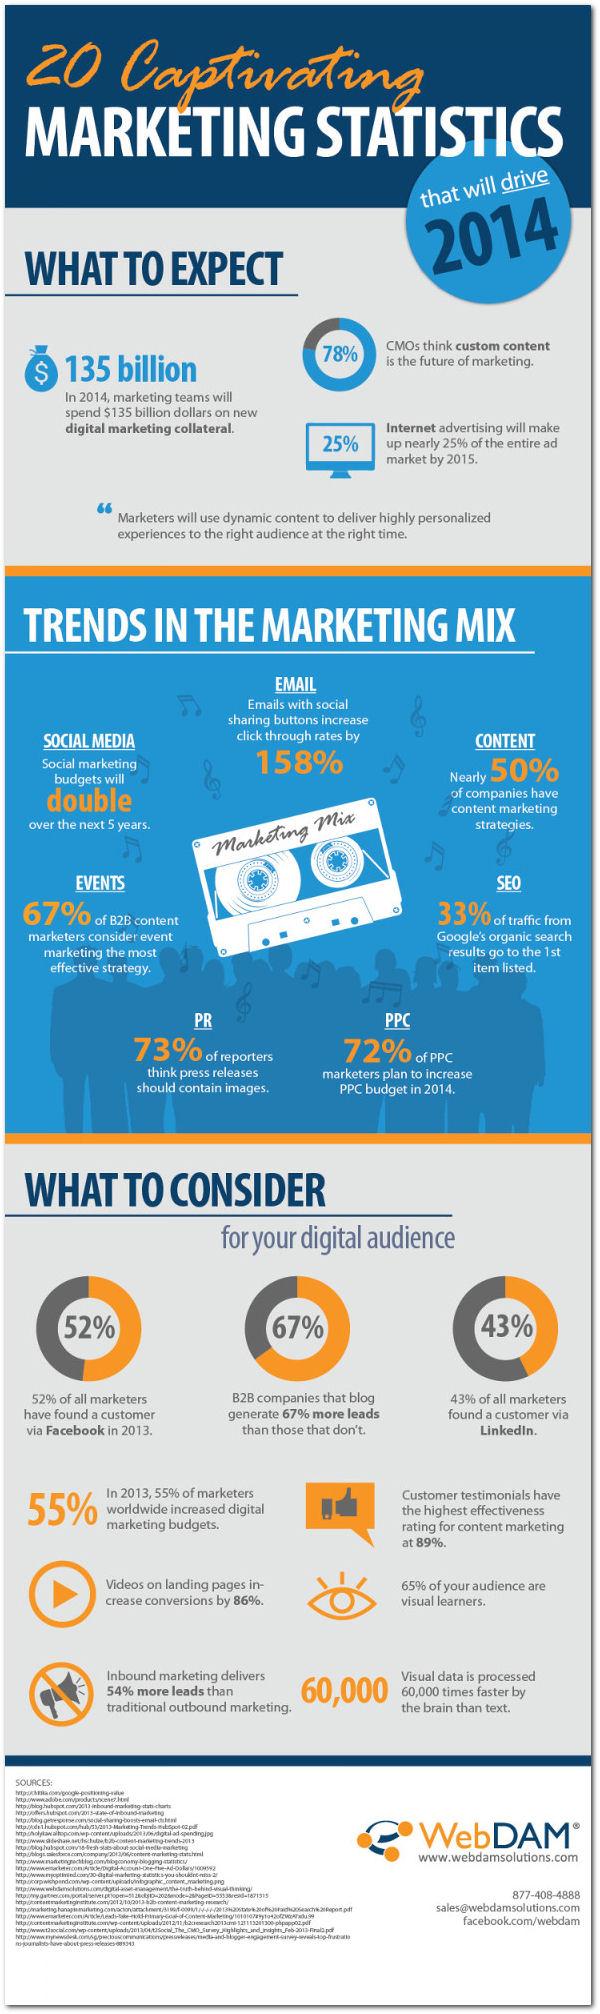 19. 20 Statistics That Will Drive 2014 Marketing Strategies